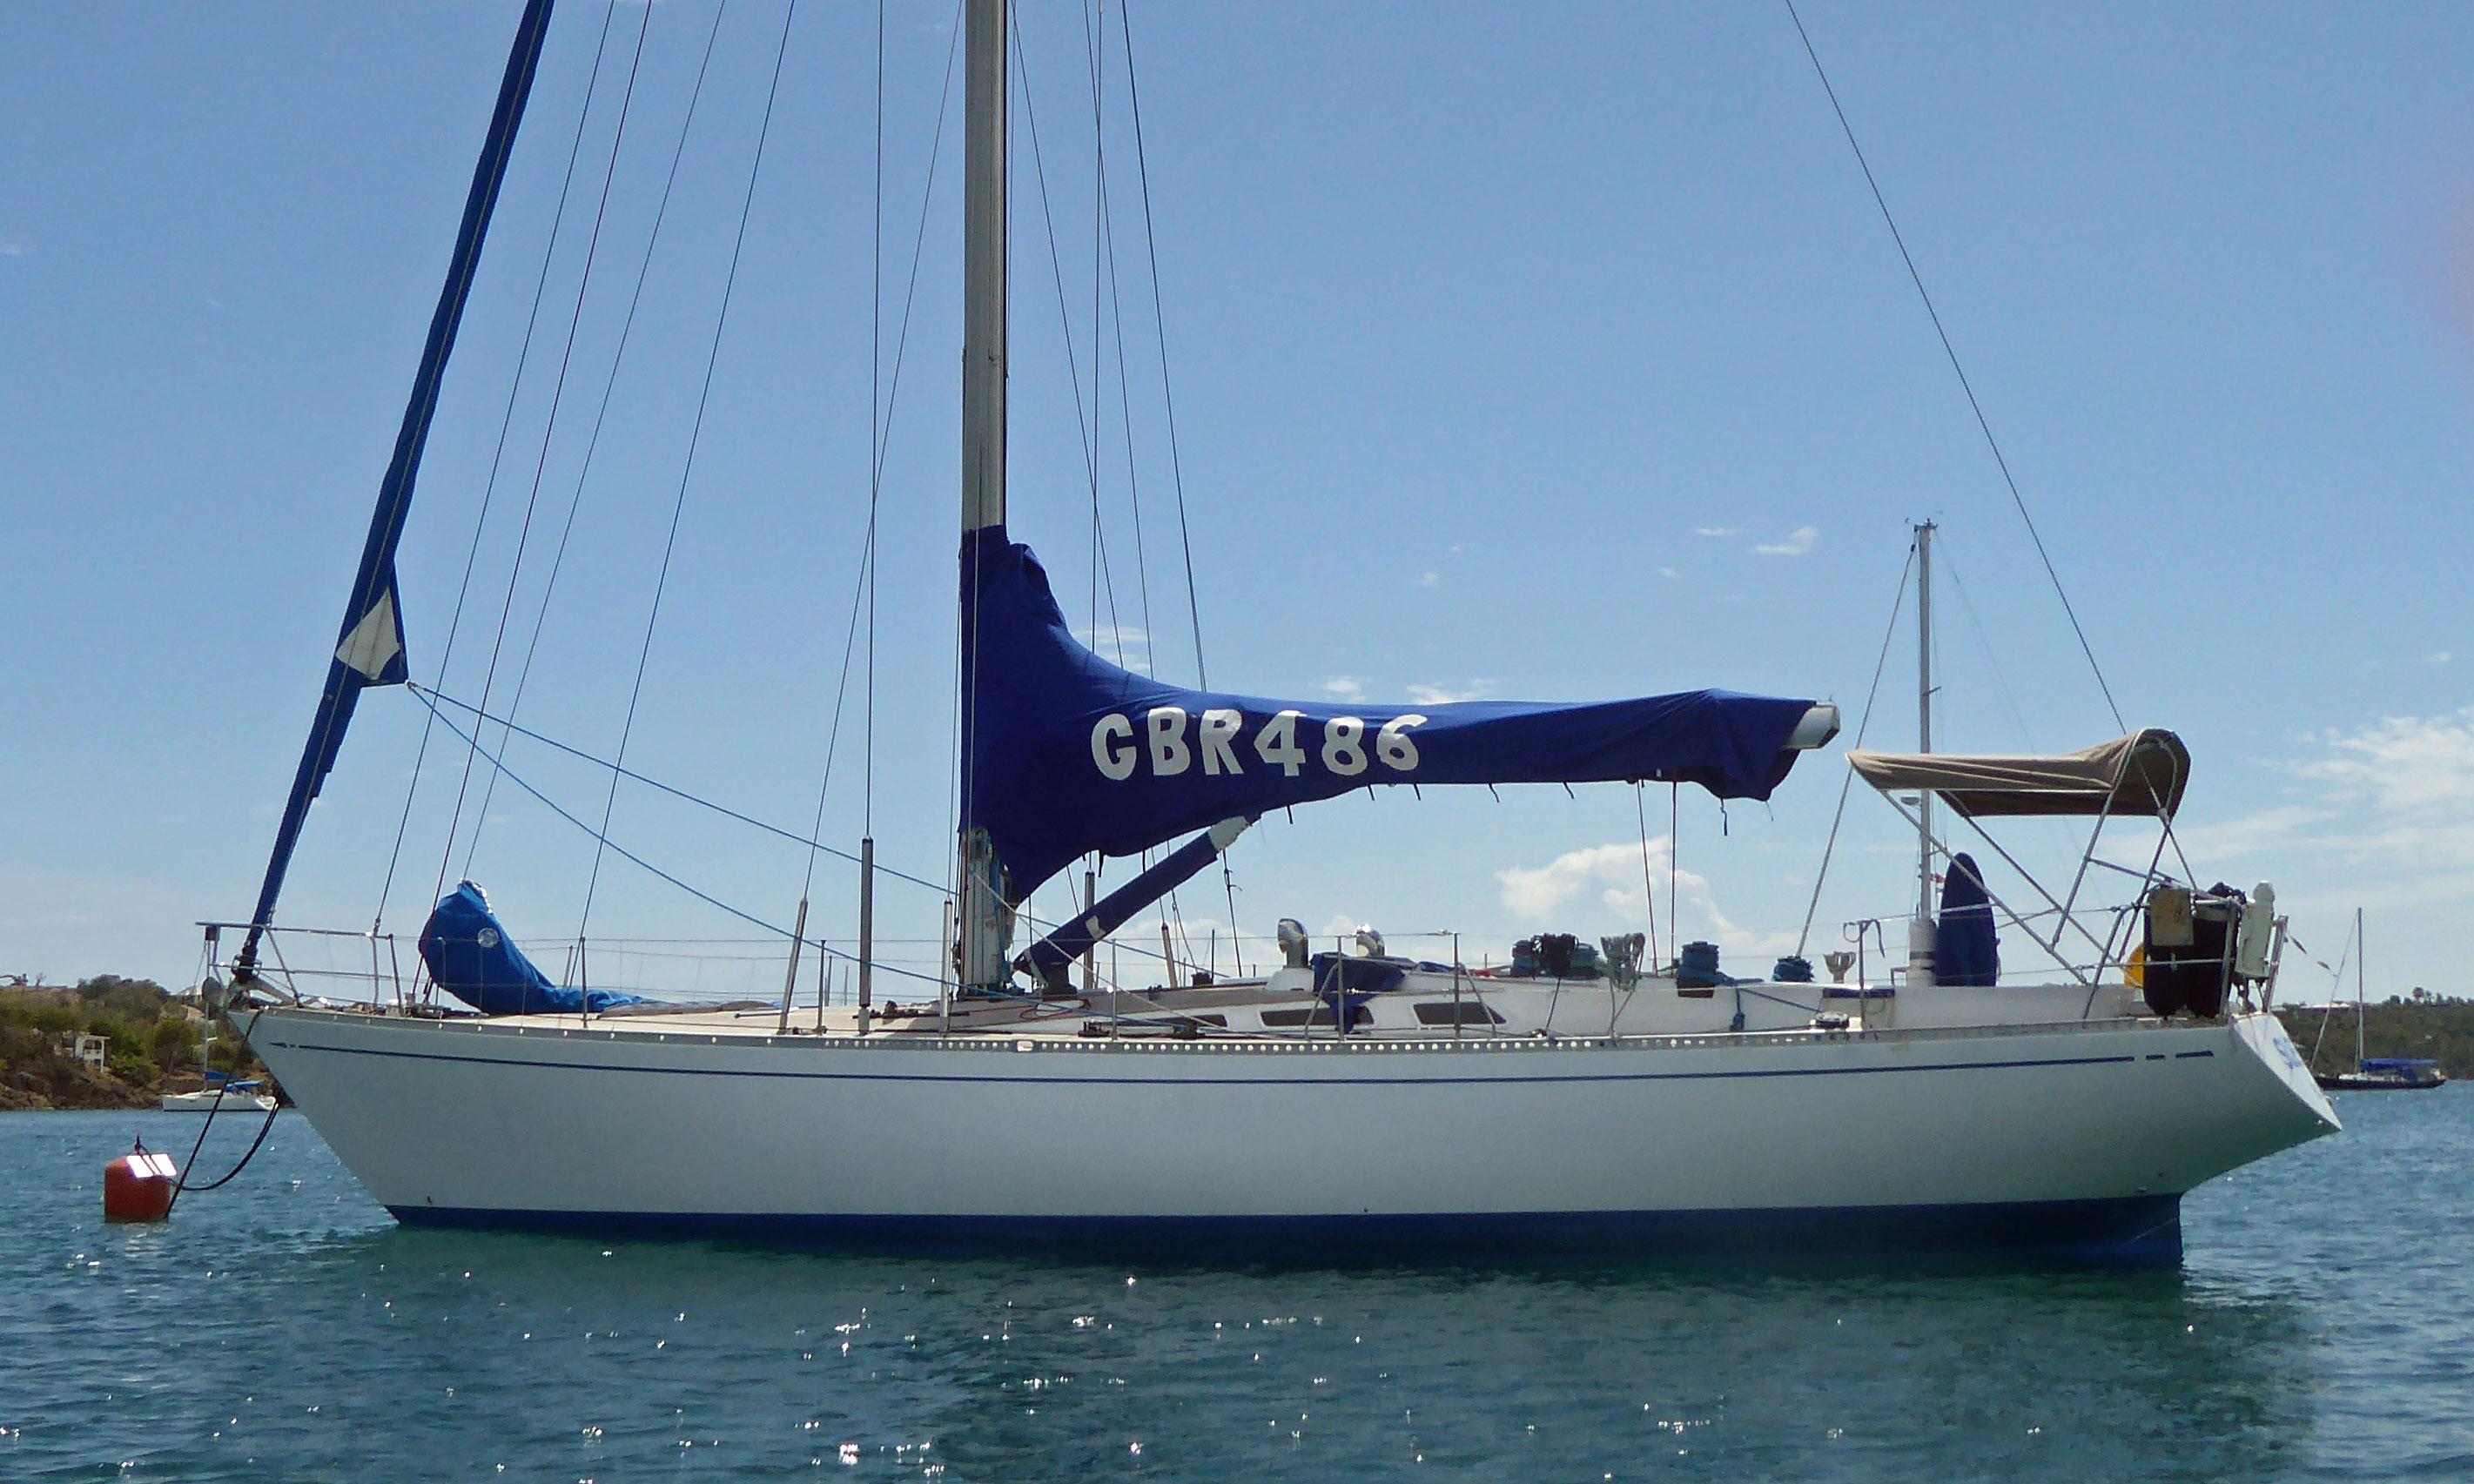 A Swan 48 sailboat